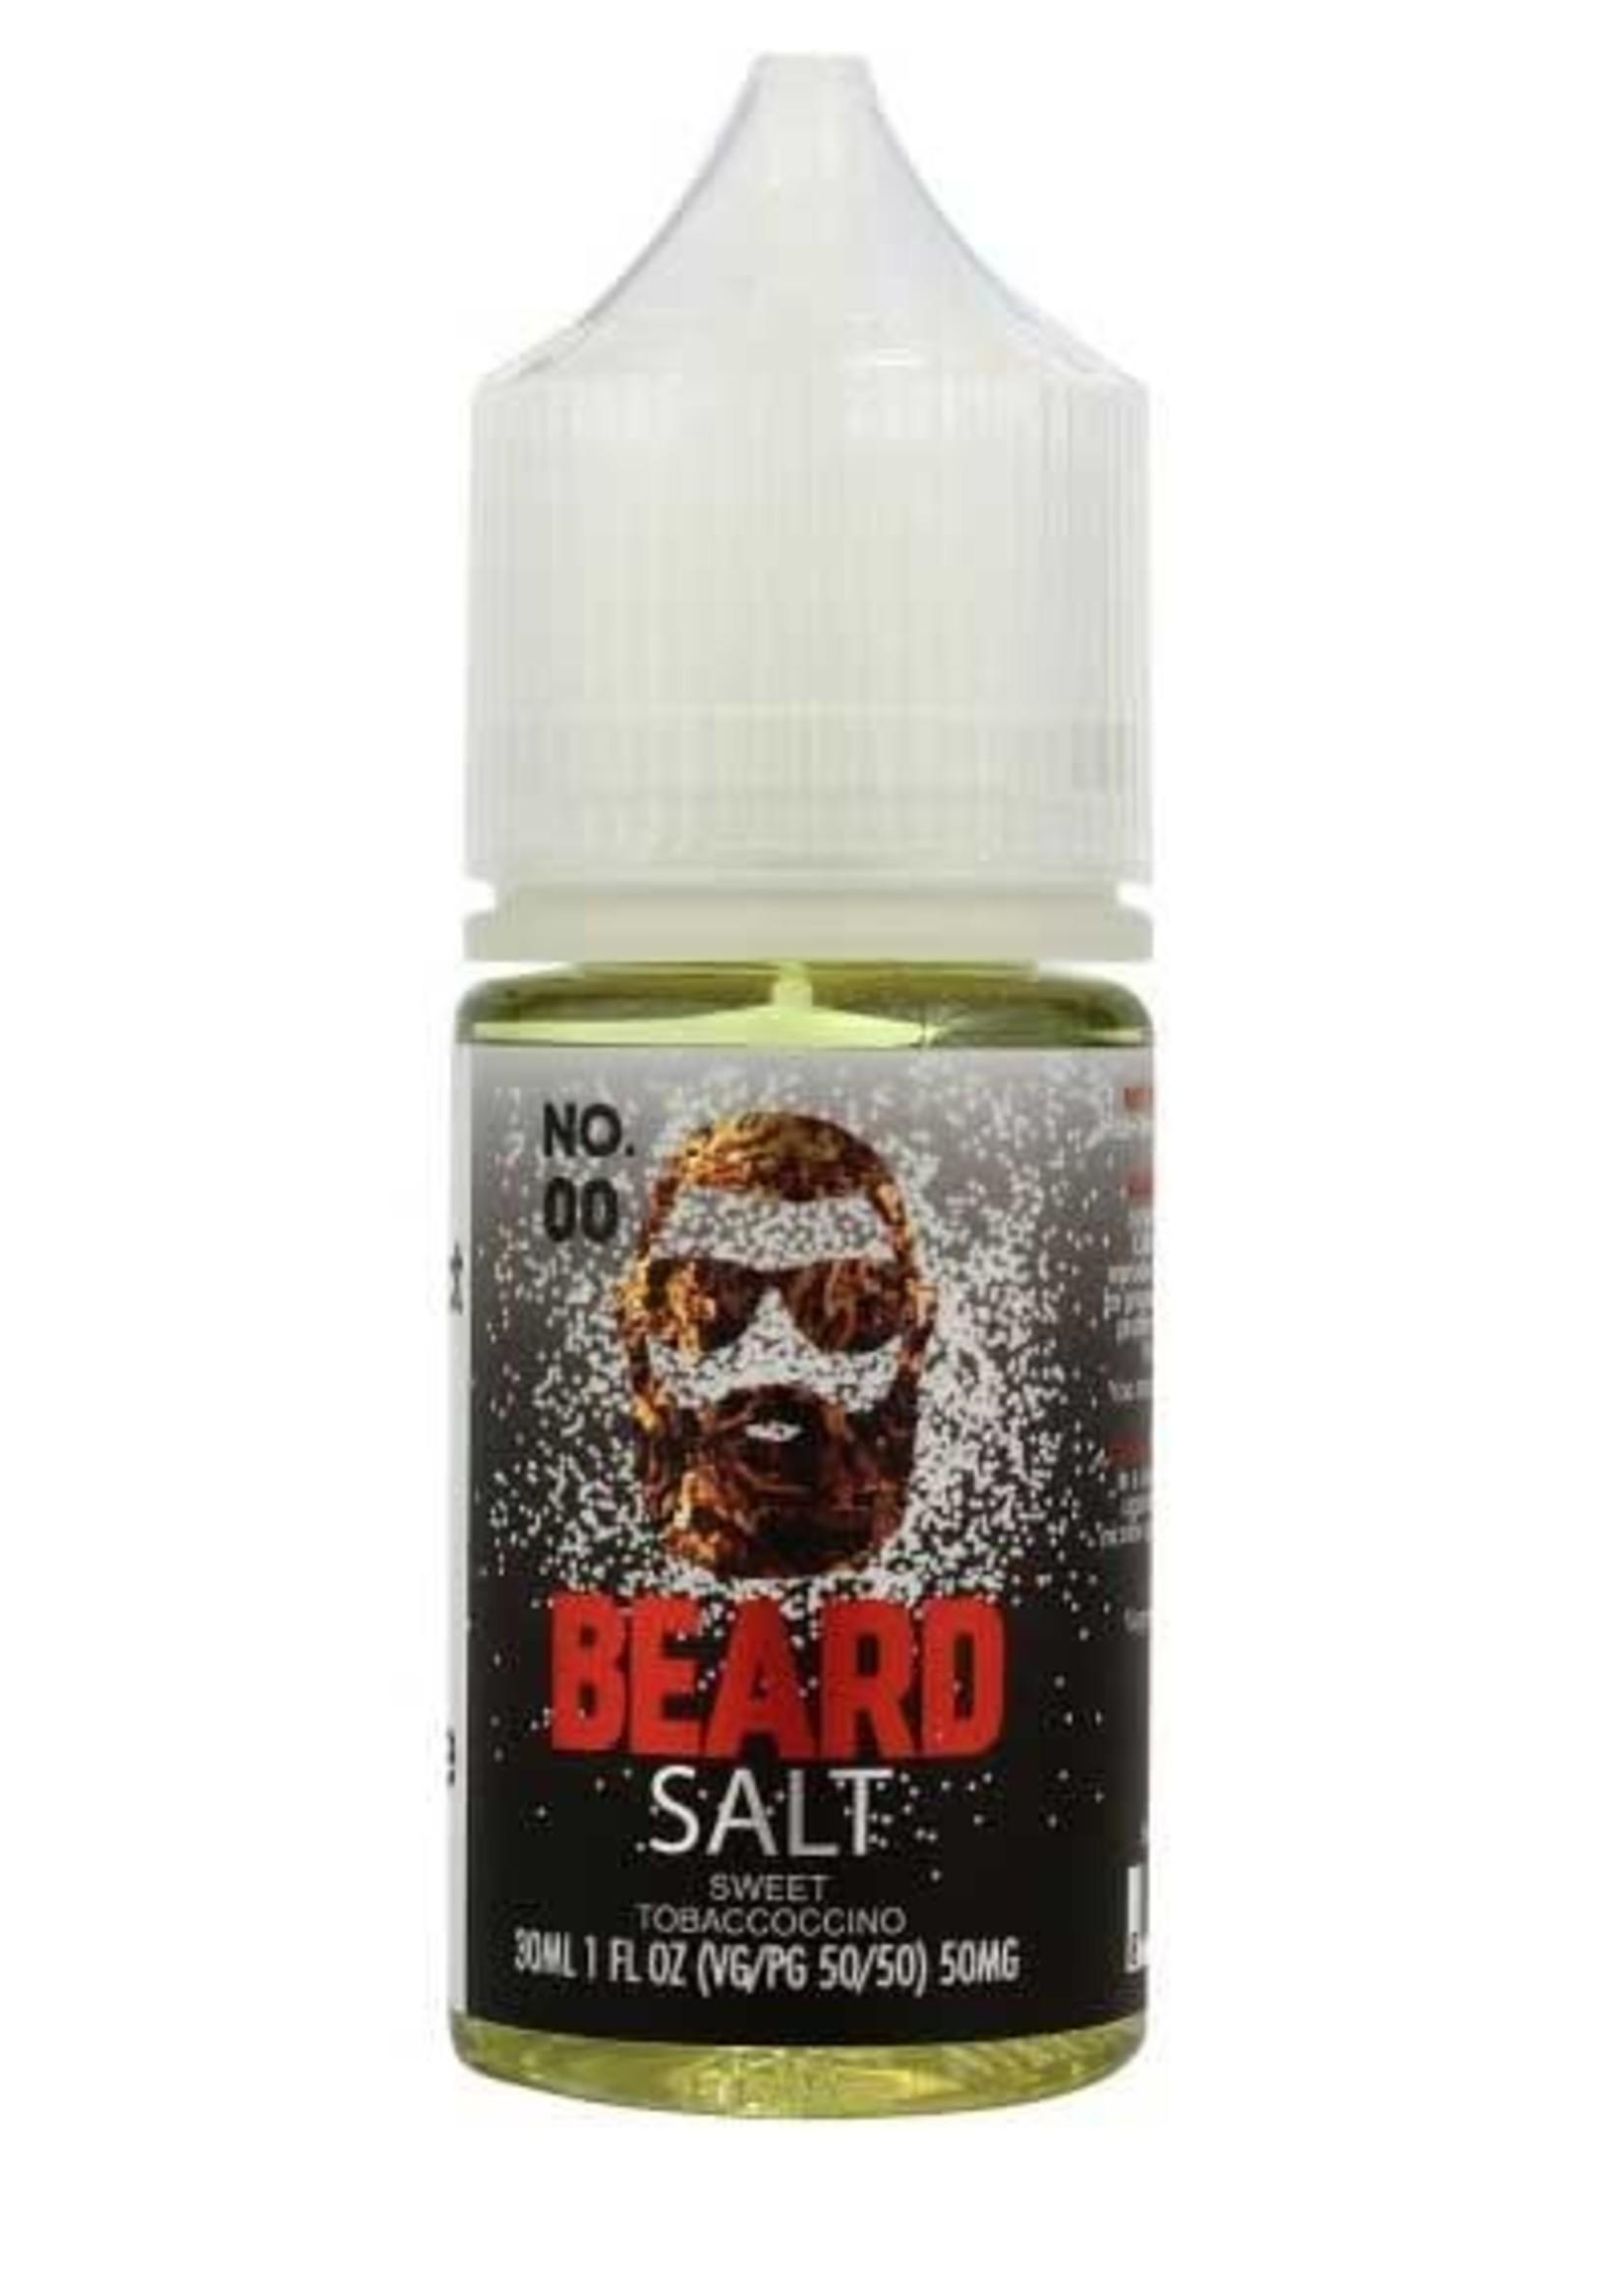 Beard Beard Salt 00 - 50mg